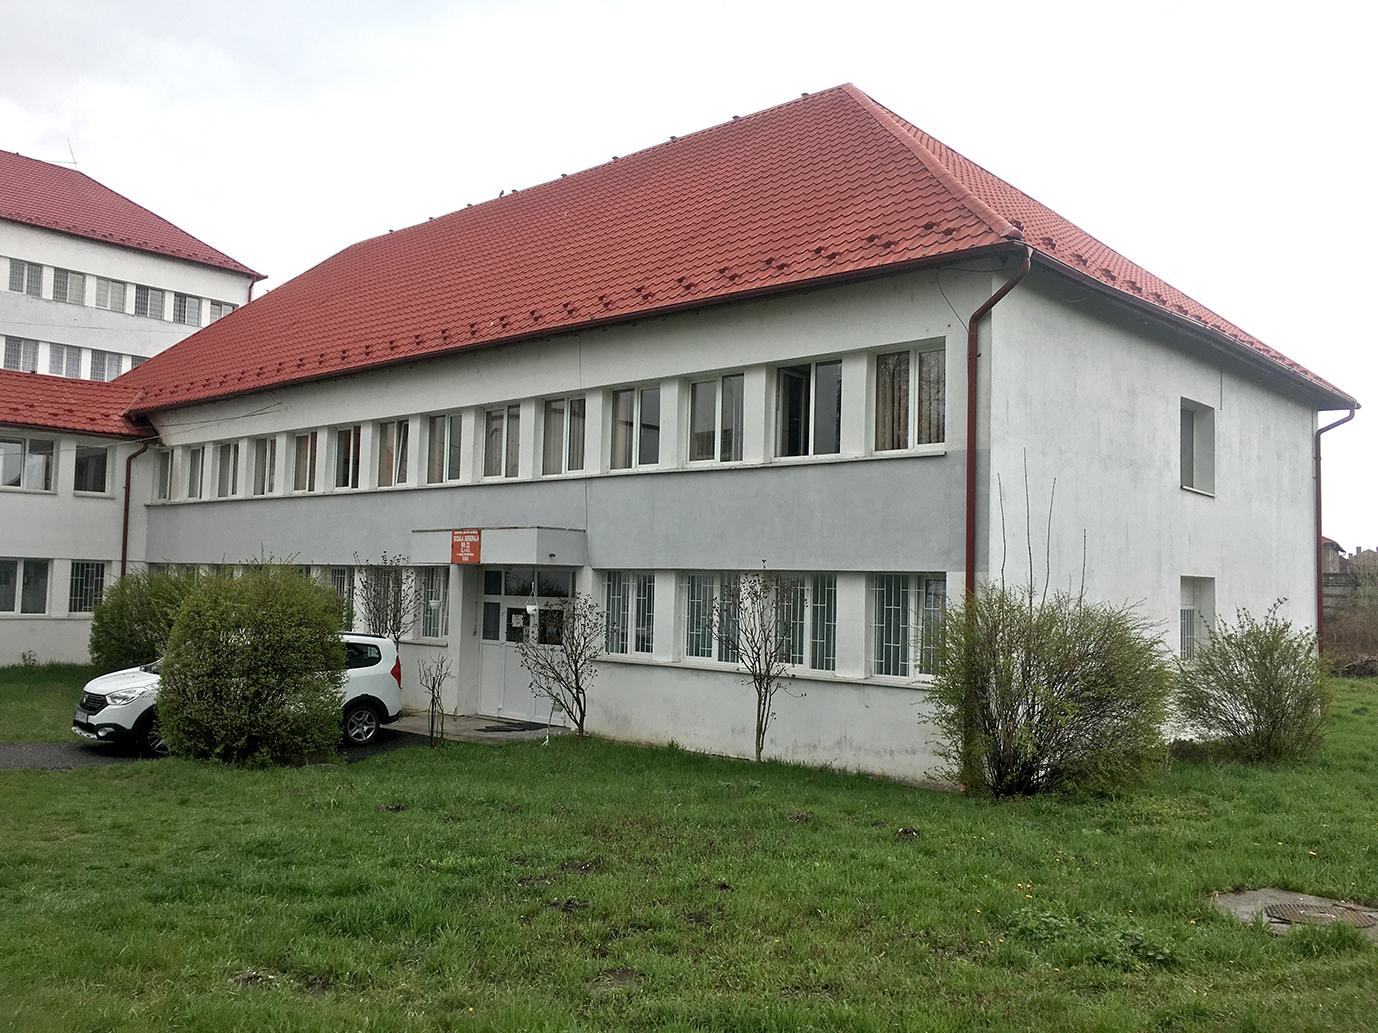 Investiţii de 4 milioane de euro, în două centre şcolare pentru educaţie incluzivă în Sibiu şi Mediaş